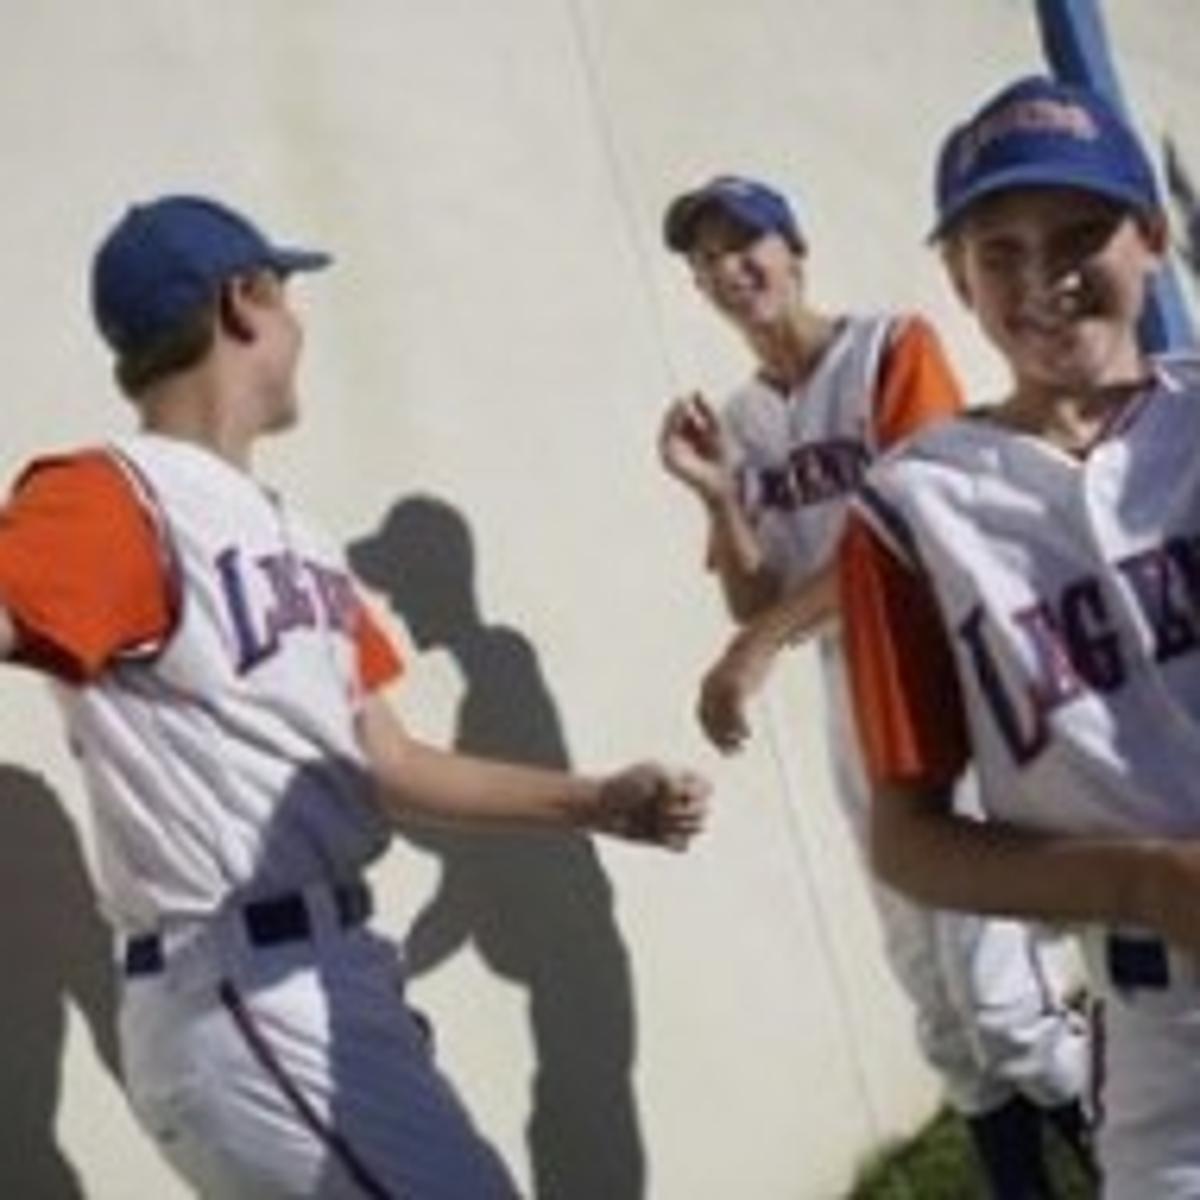 Road to Omaha Jr ' draws youth baseball teams to metro